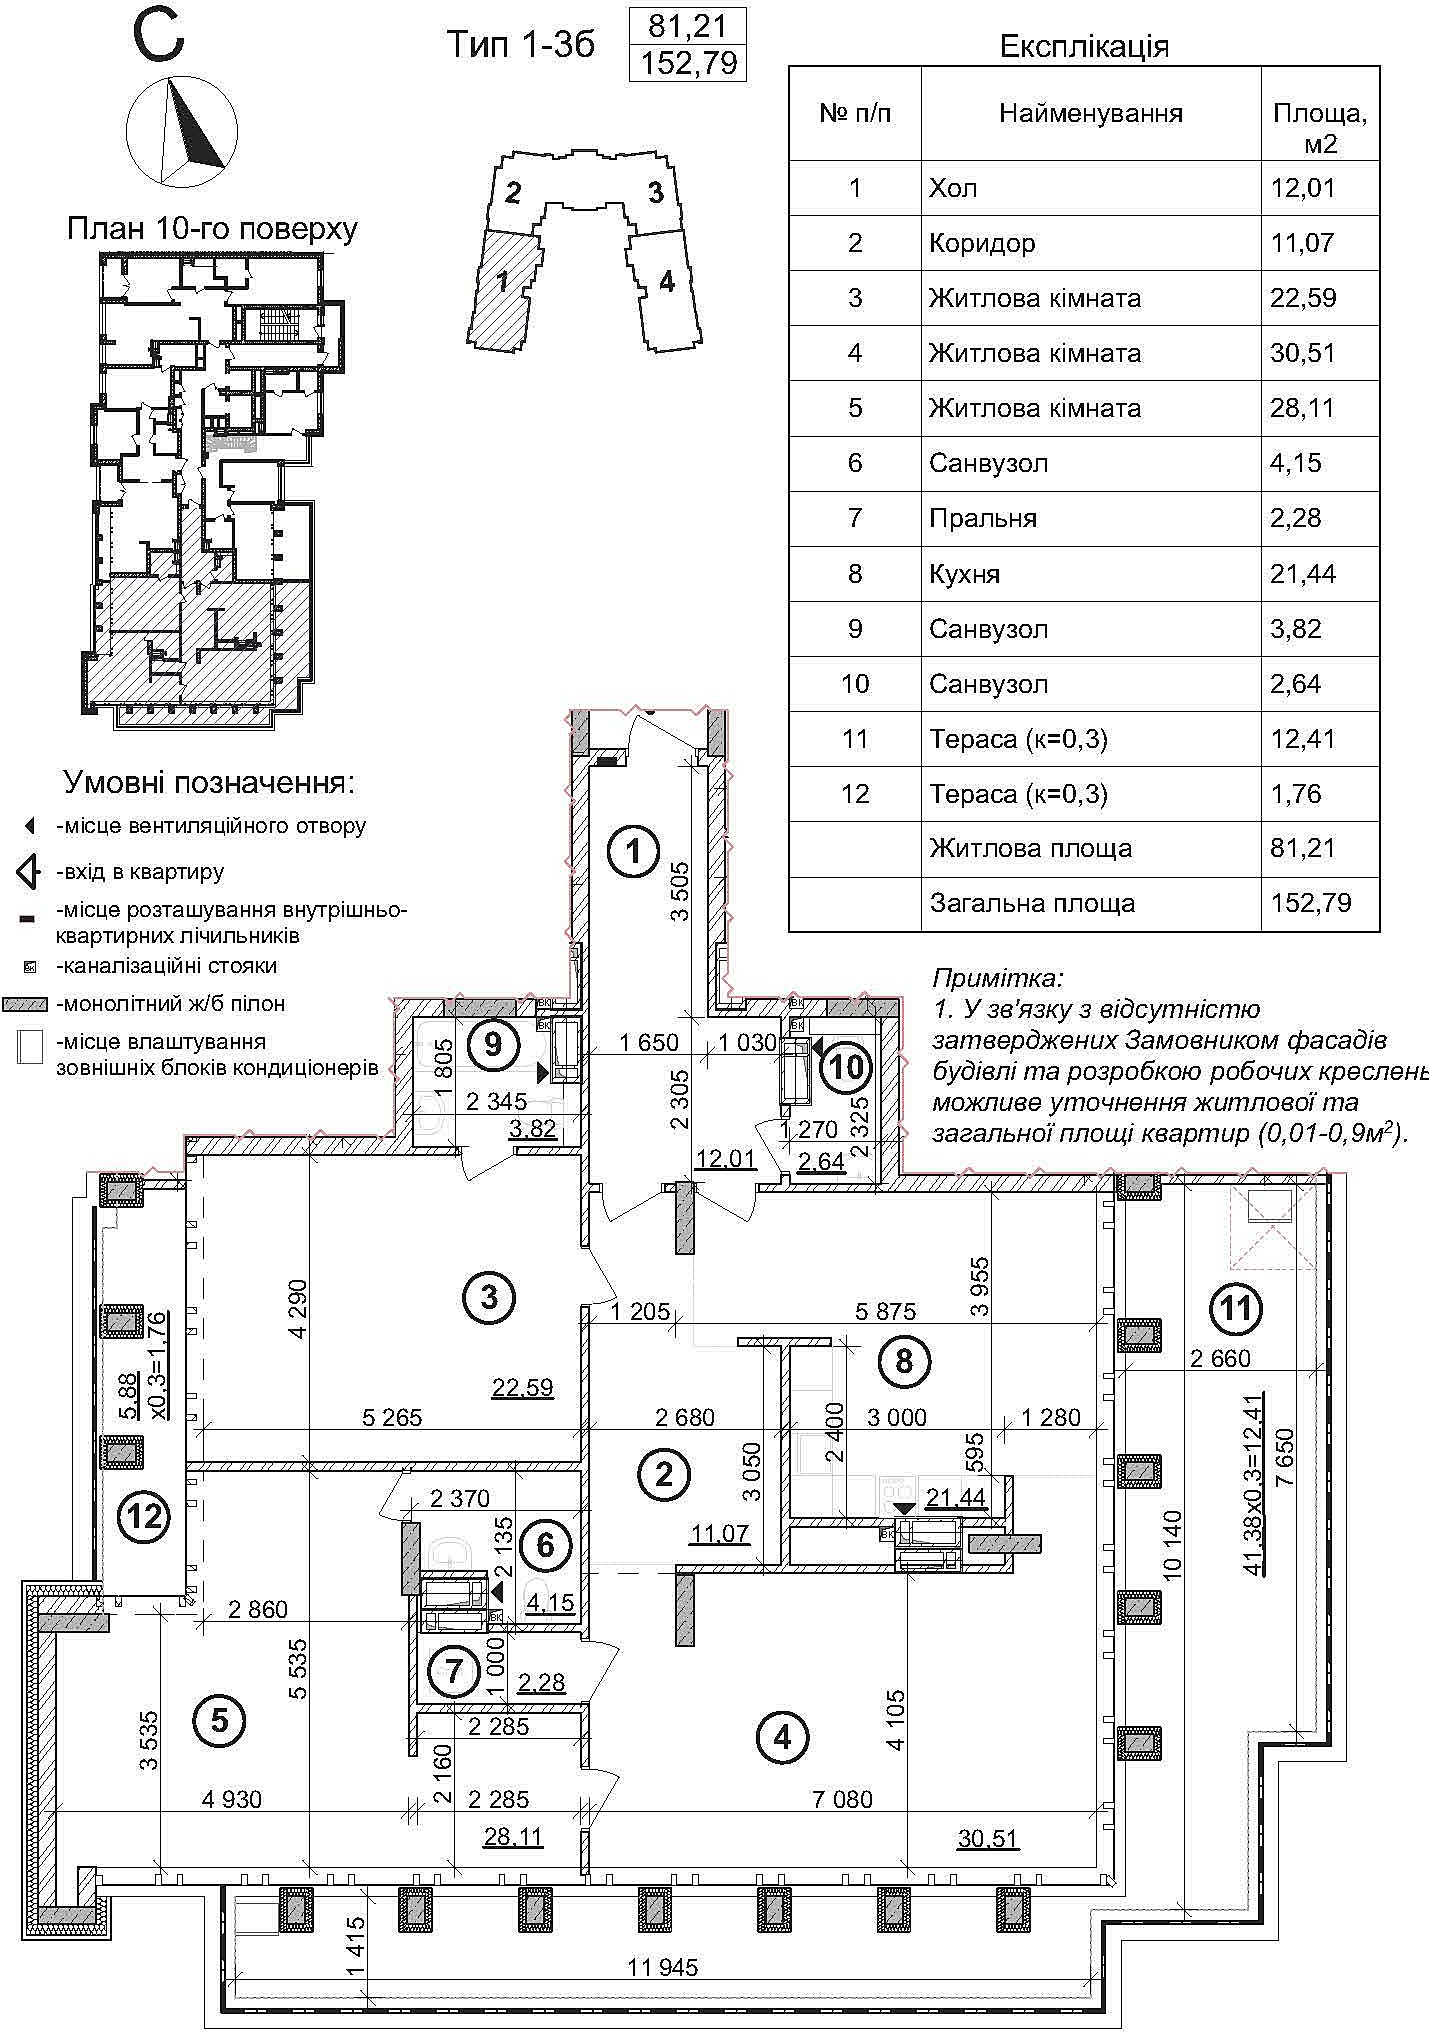 ЖК Crystal Park Tower вариант планировки квартир